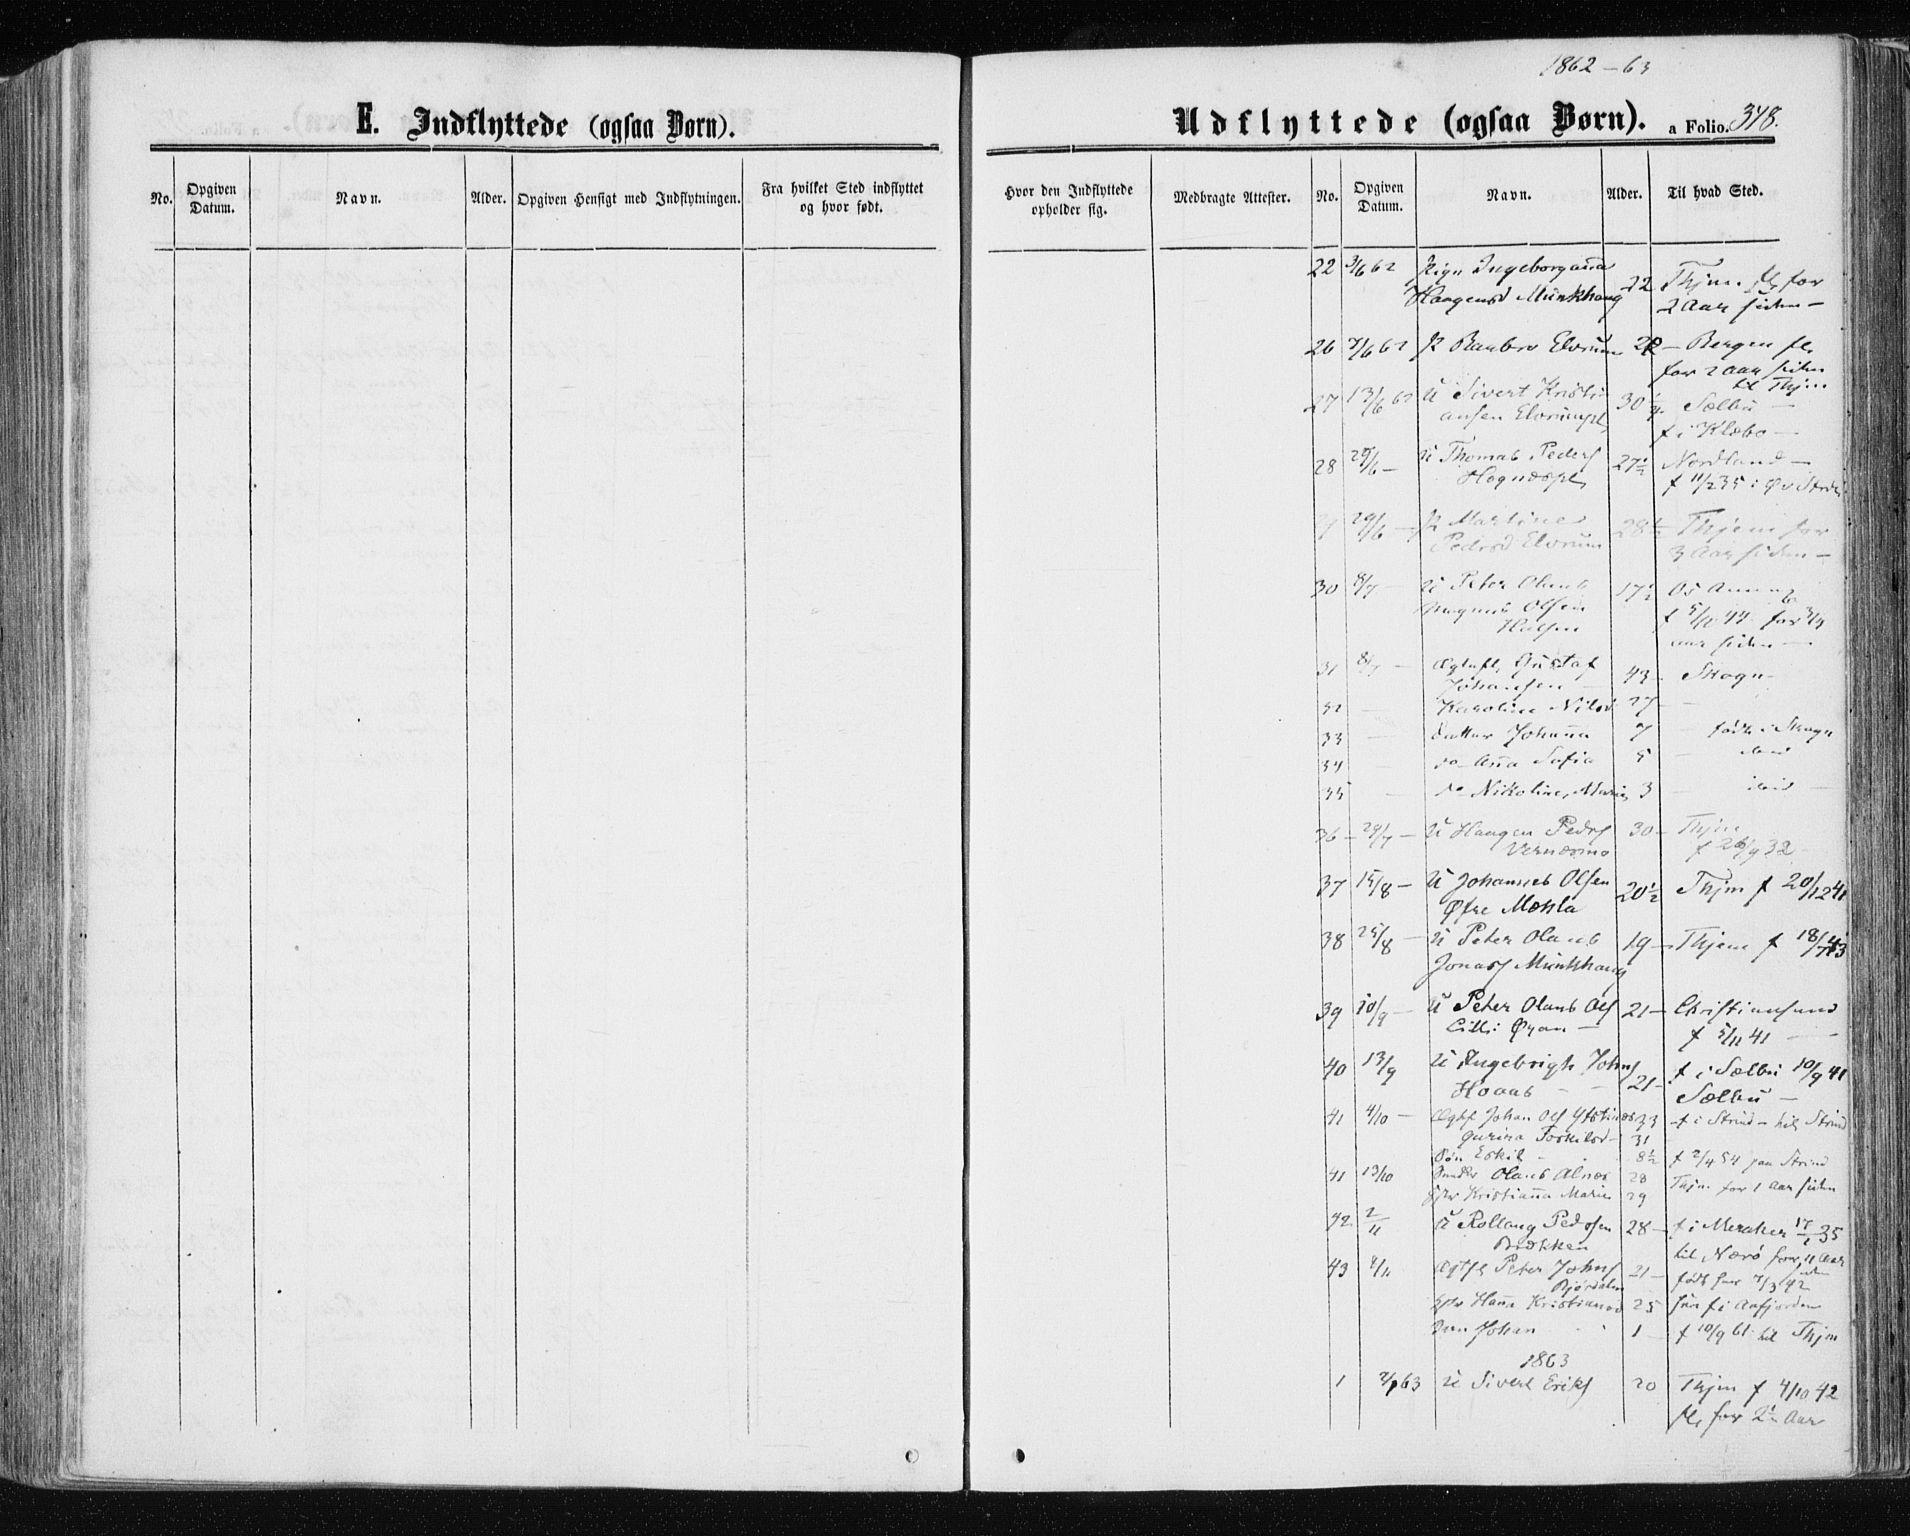 SAT, Ministerialprotokoller, klokkerbøker og fødselsregistre - Nord-Trøndelag, 709/L0075: Ministerialbok nr. 709A15, 1859-1870, s. 348